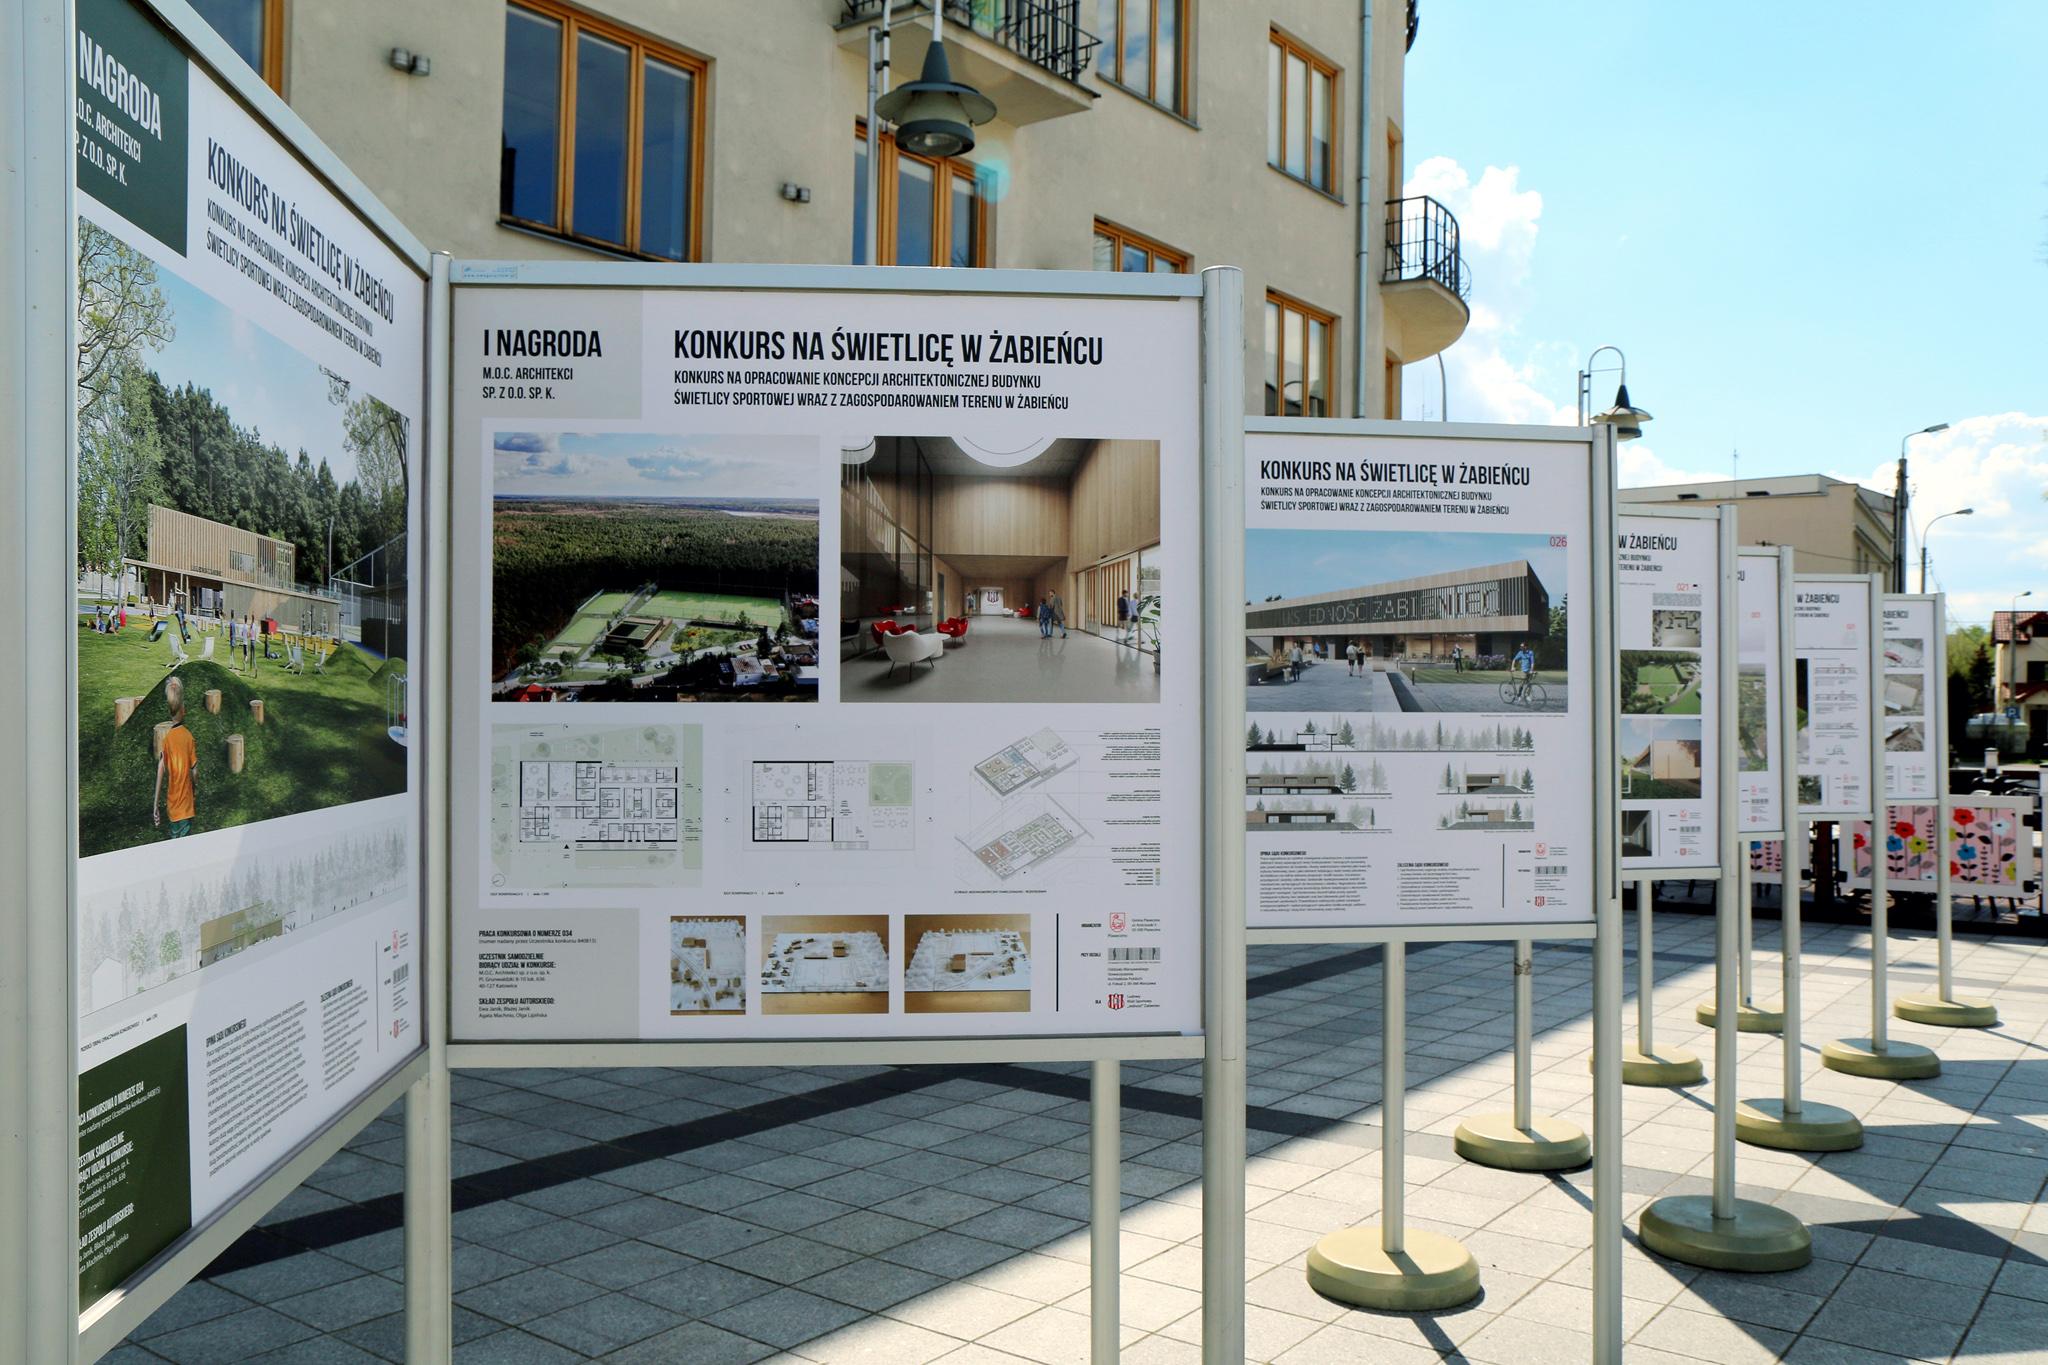 Wystawa prac konkursowych na budynek świetlicy sportowej w Żabieńcu